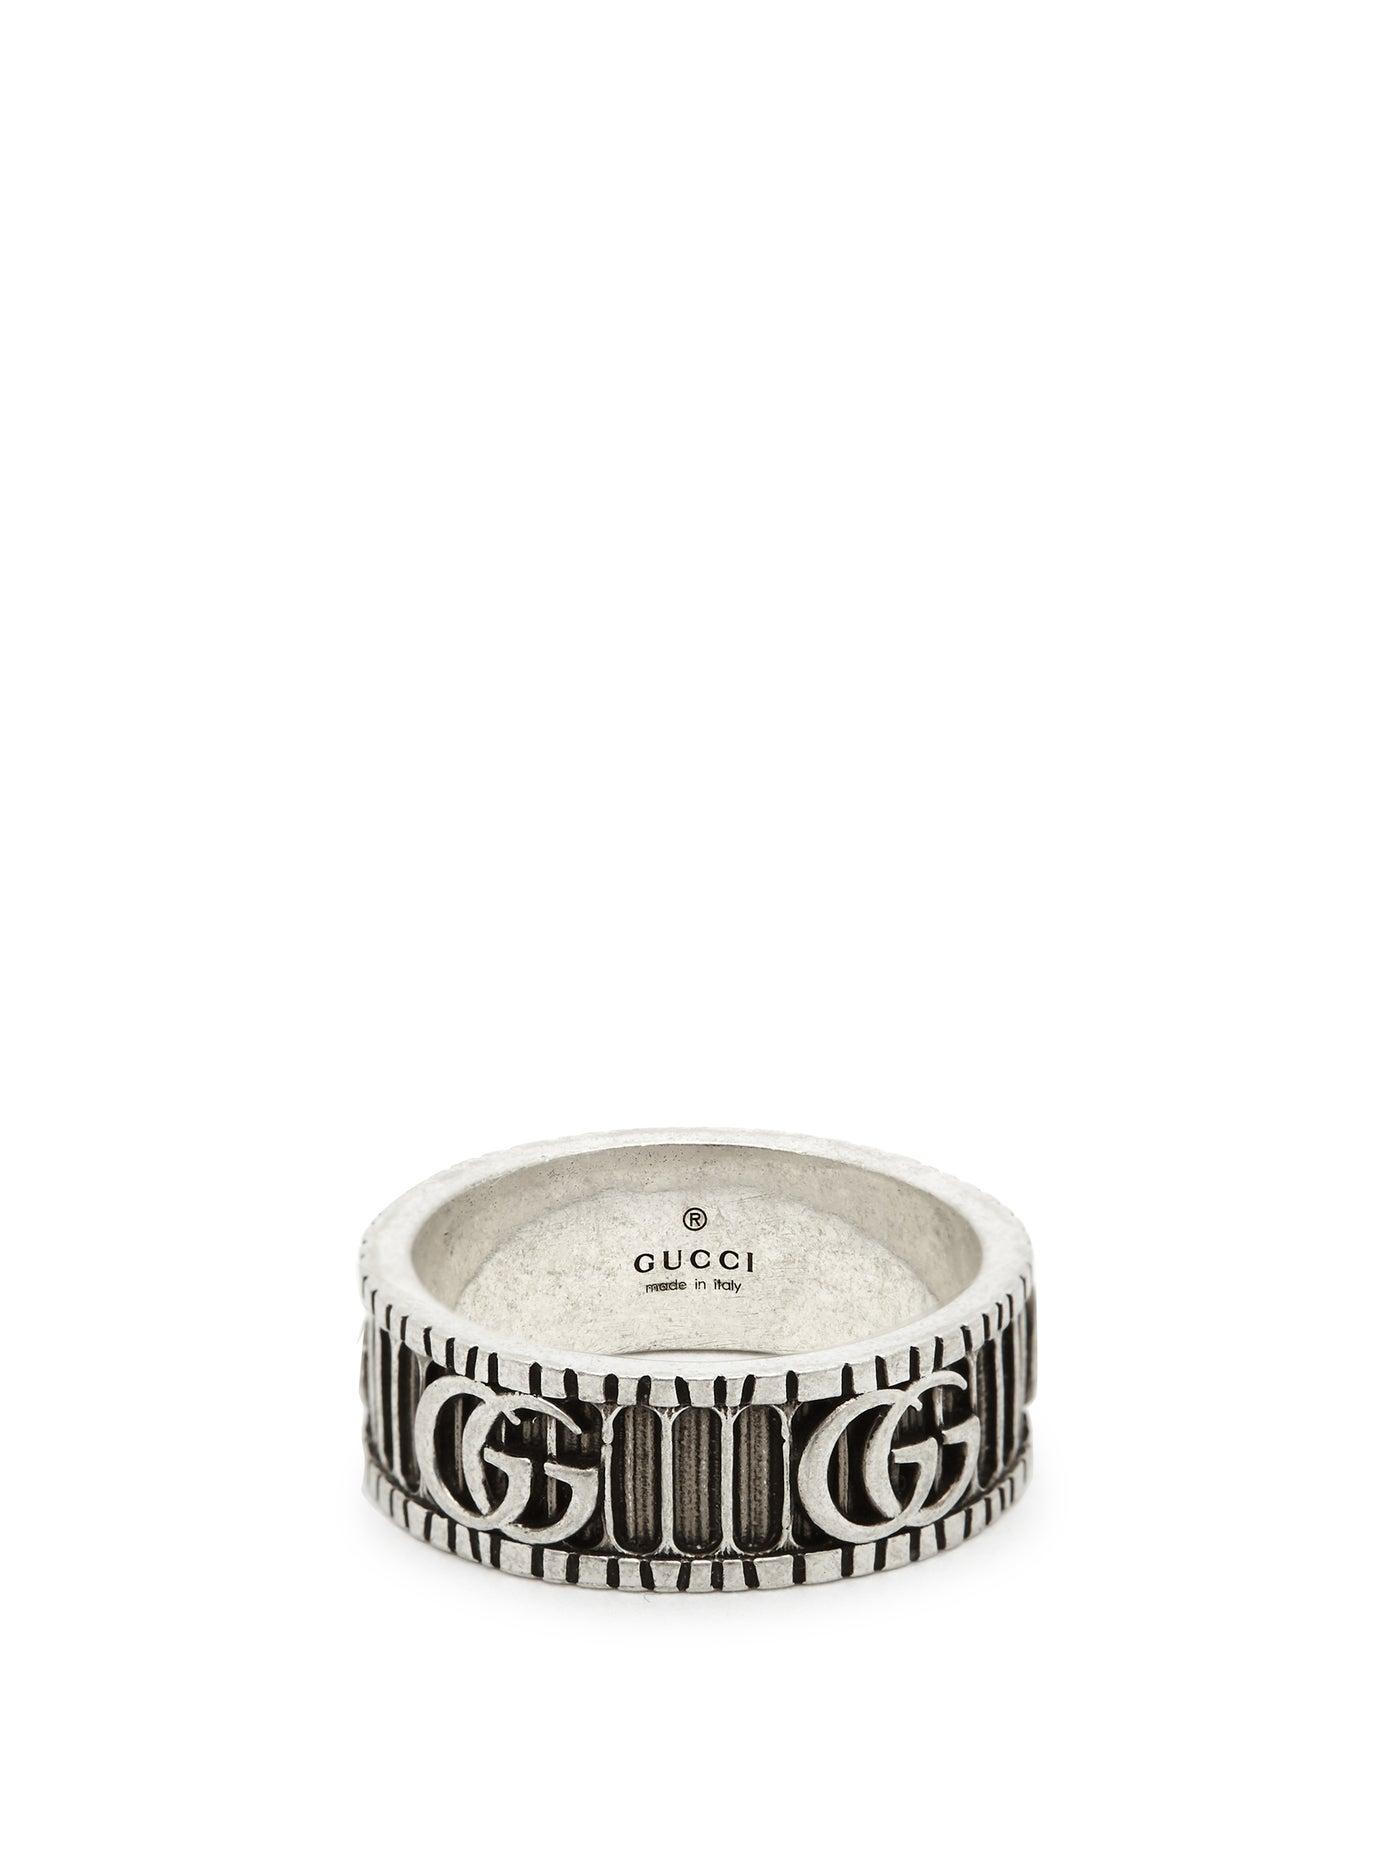 خاتم رجالي من الفضة مع اللون الأسود من Gucci